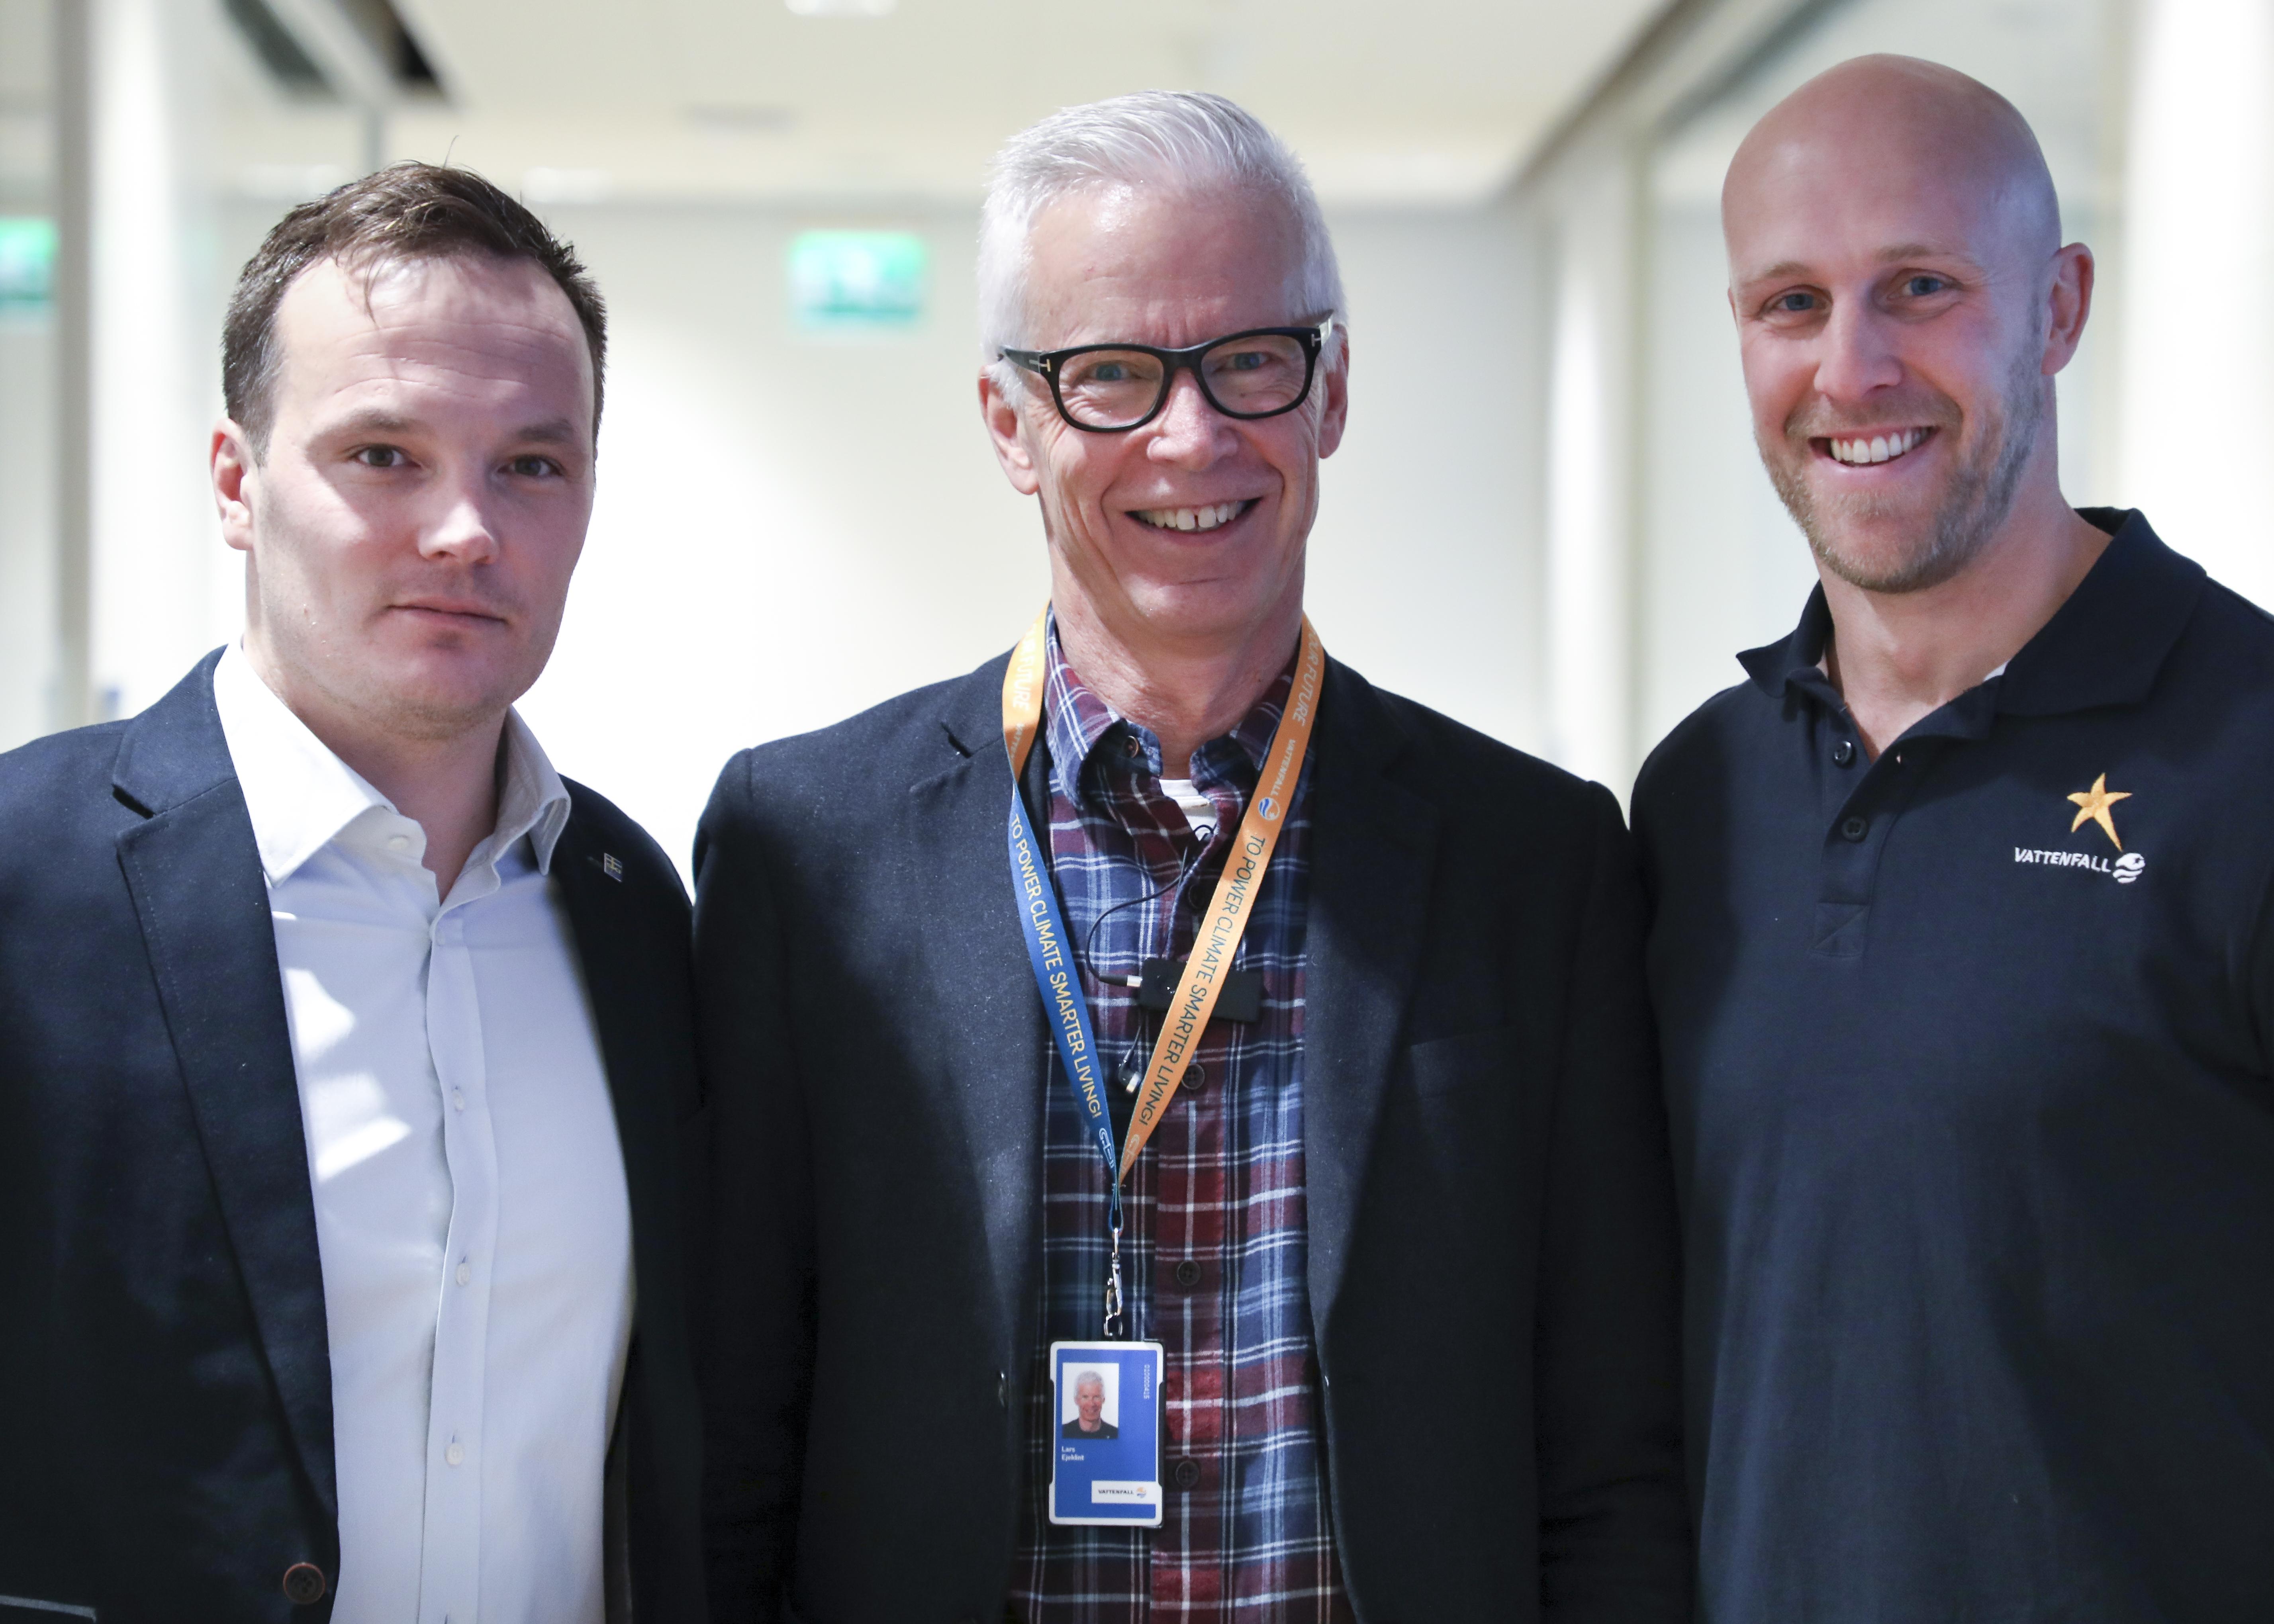 Tommy Eliasson Winter, Lasse Ejeklint, Kalle Olsson Bexellg